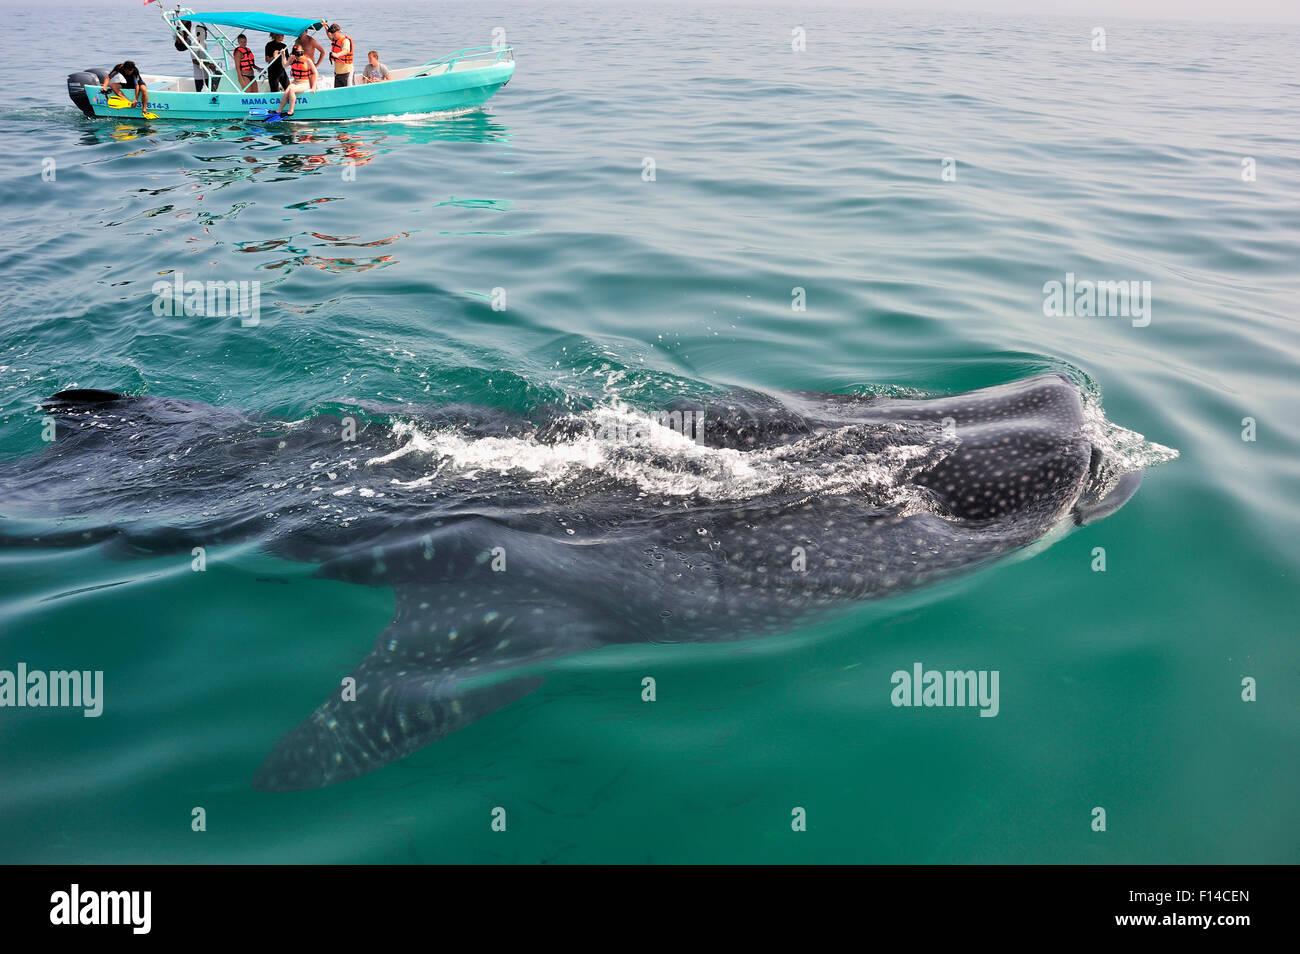 Squalo balena (Rhincodon typus) bocca aperta l'assorbimento di plancton in superficie con i turisti guardano Immagini Stock